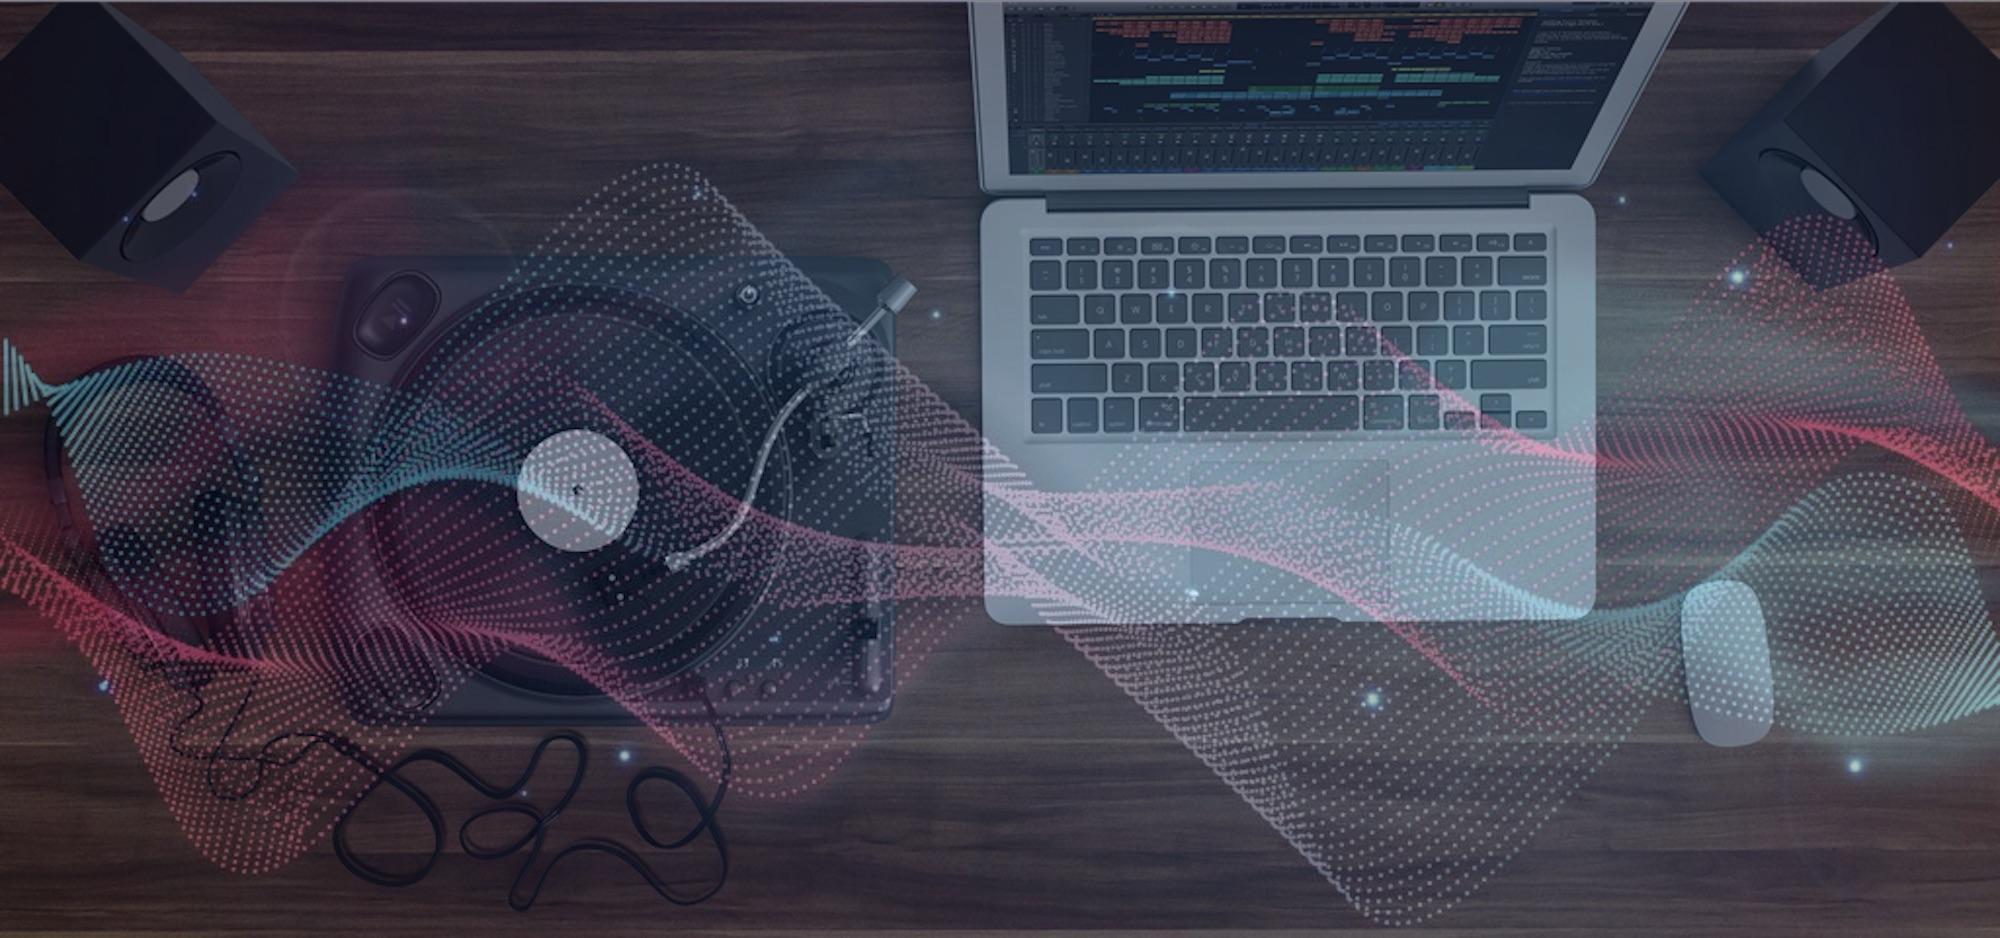 音楽を創るAIと音を科学するAIを創る 音楽と音のAIアカデミー